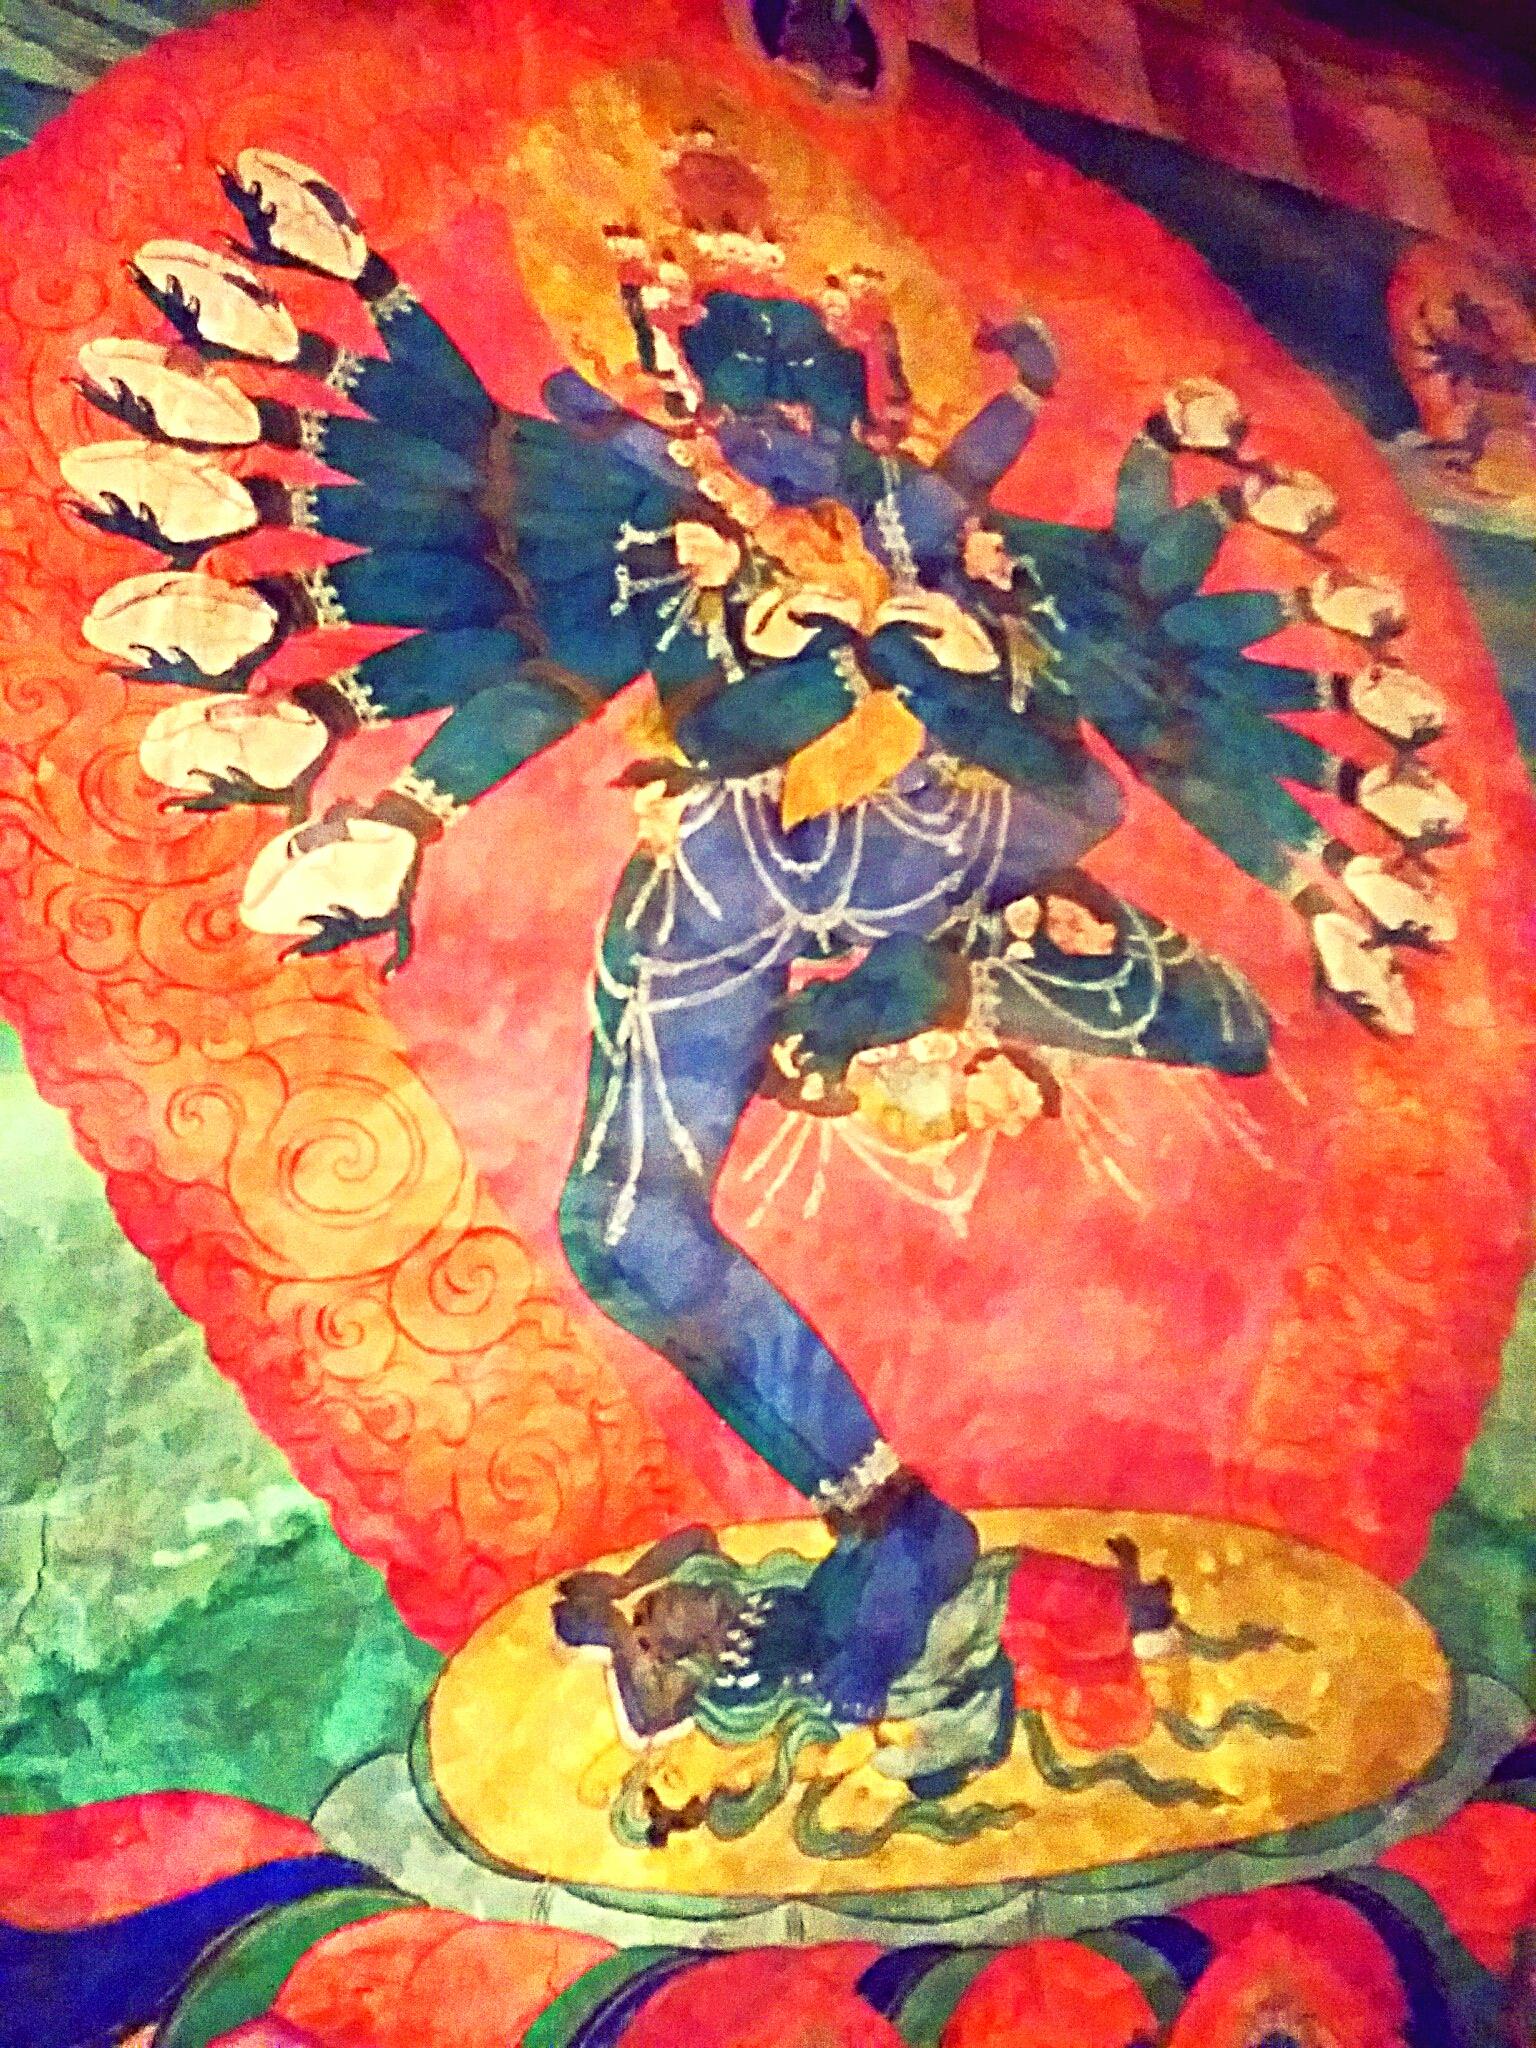 ヤブユム(歓喜仏)を見る事が出来るチベット観光スポット4選